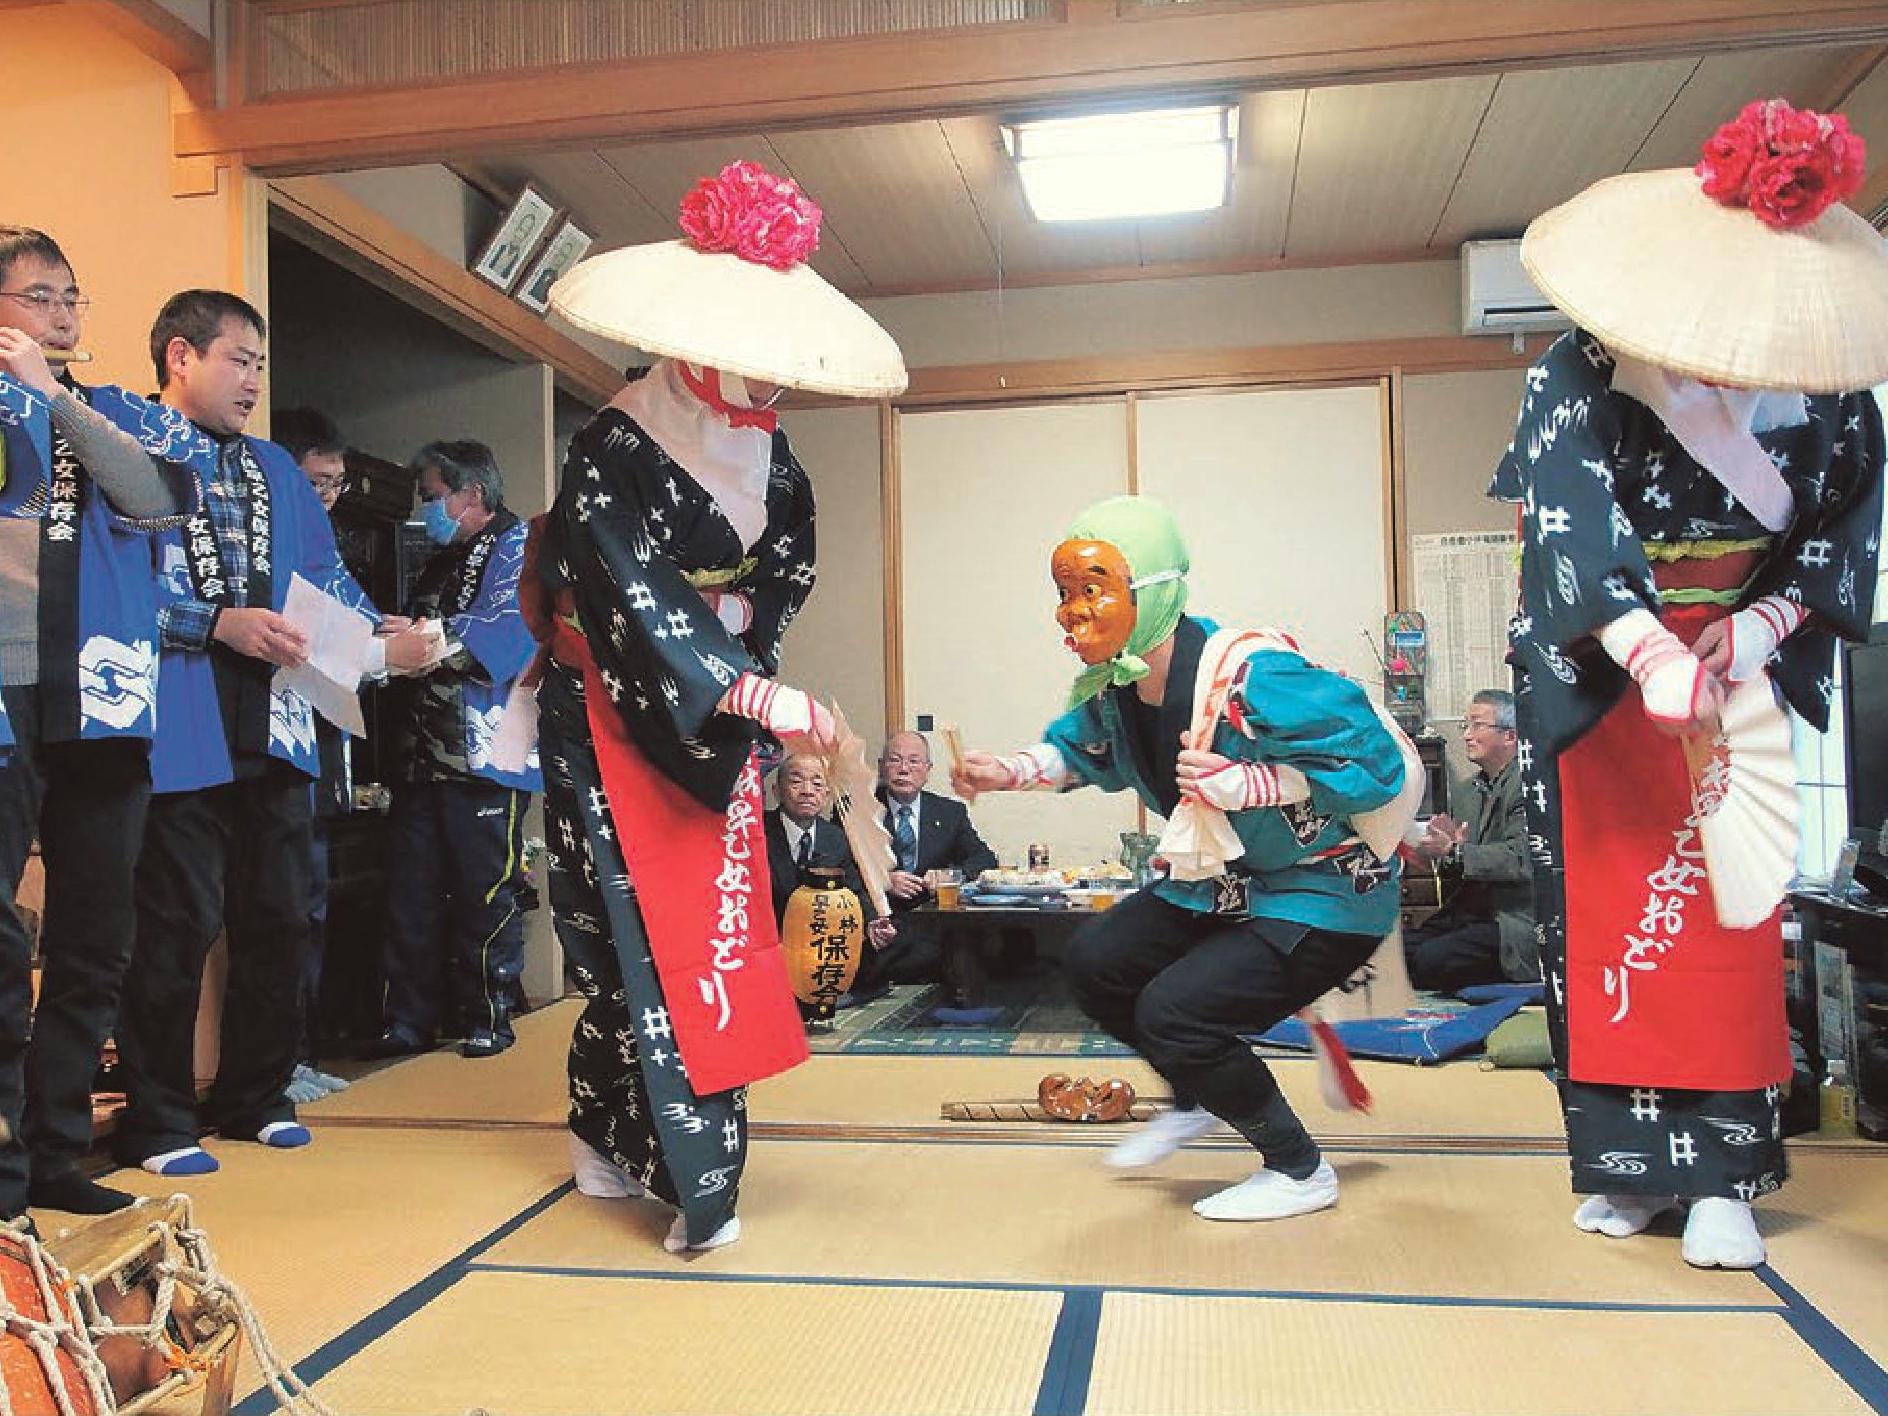 只見町ブナセンター講座「小林早乙女踊りの歴史と民族」写真